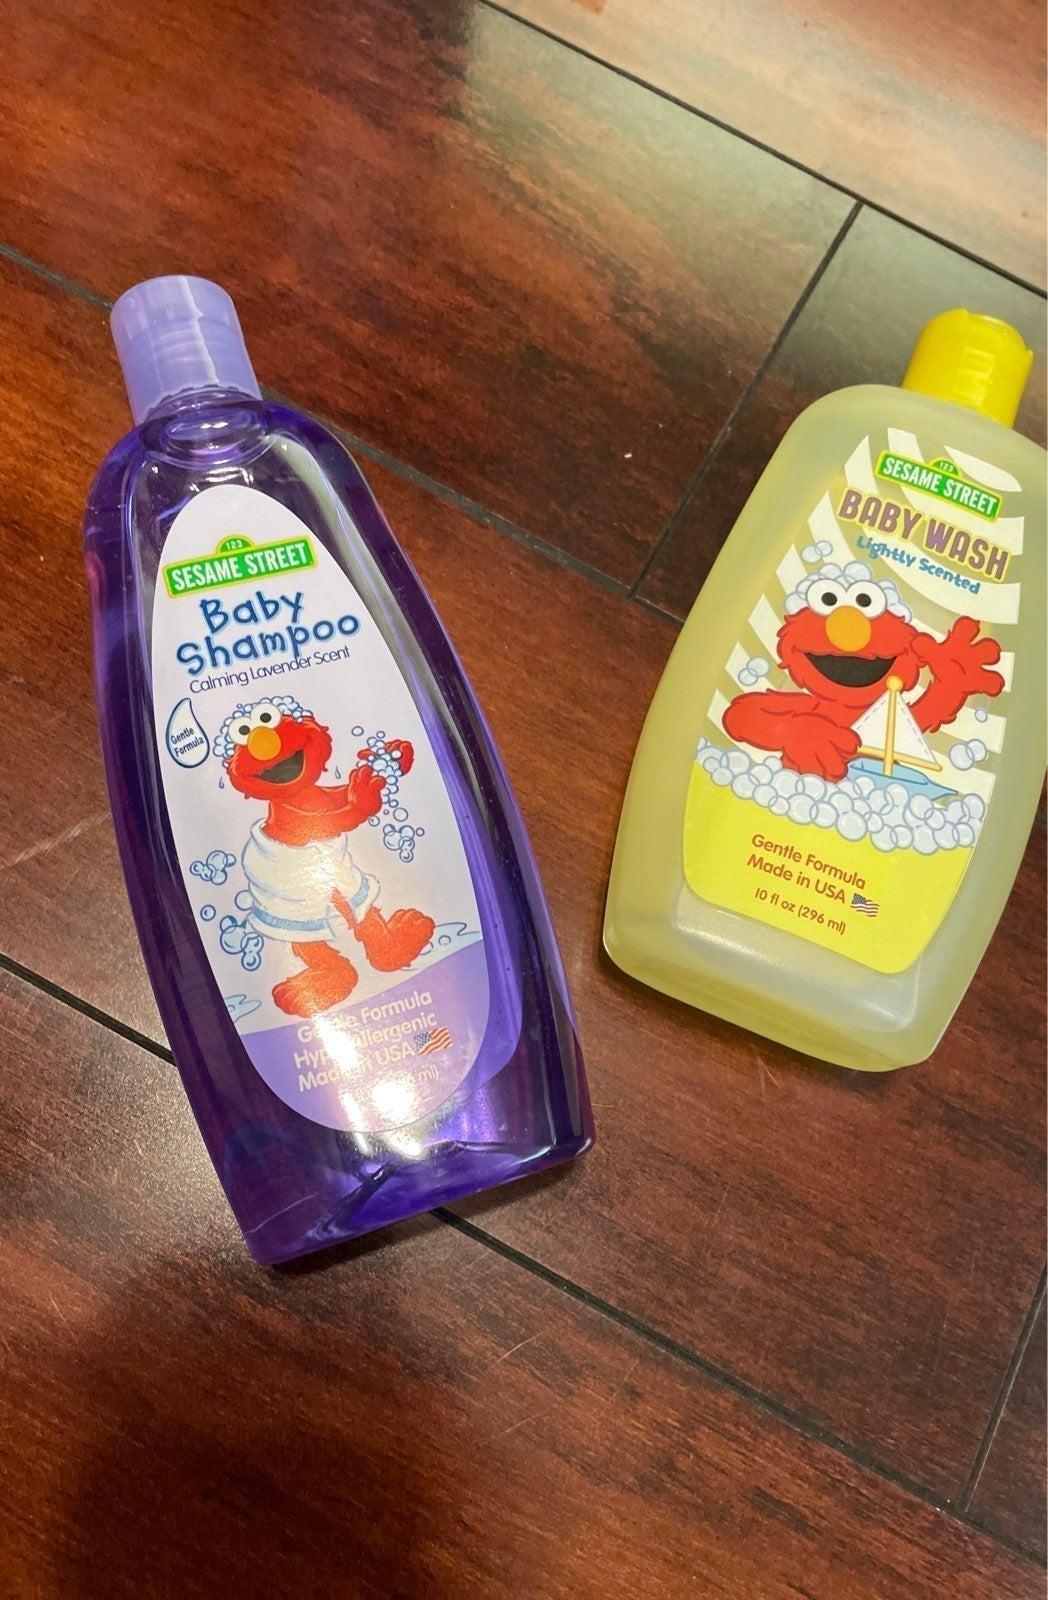 Baby shampoo and baby wash